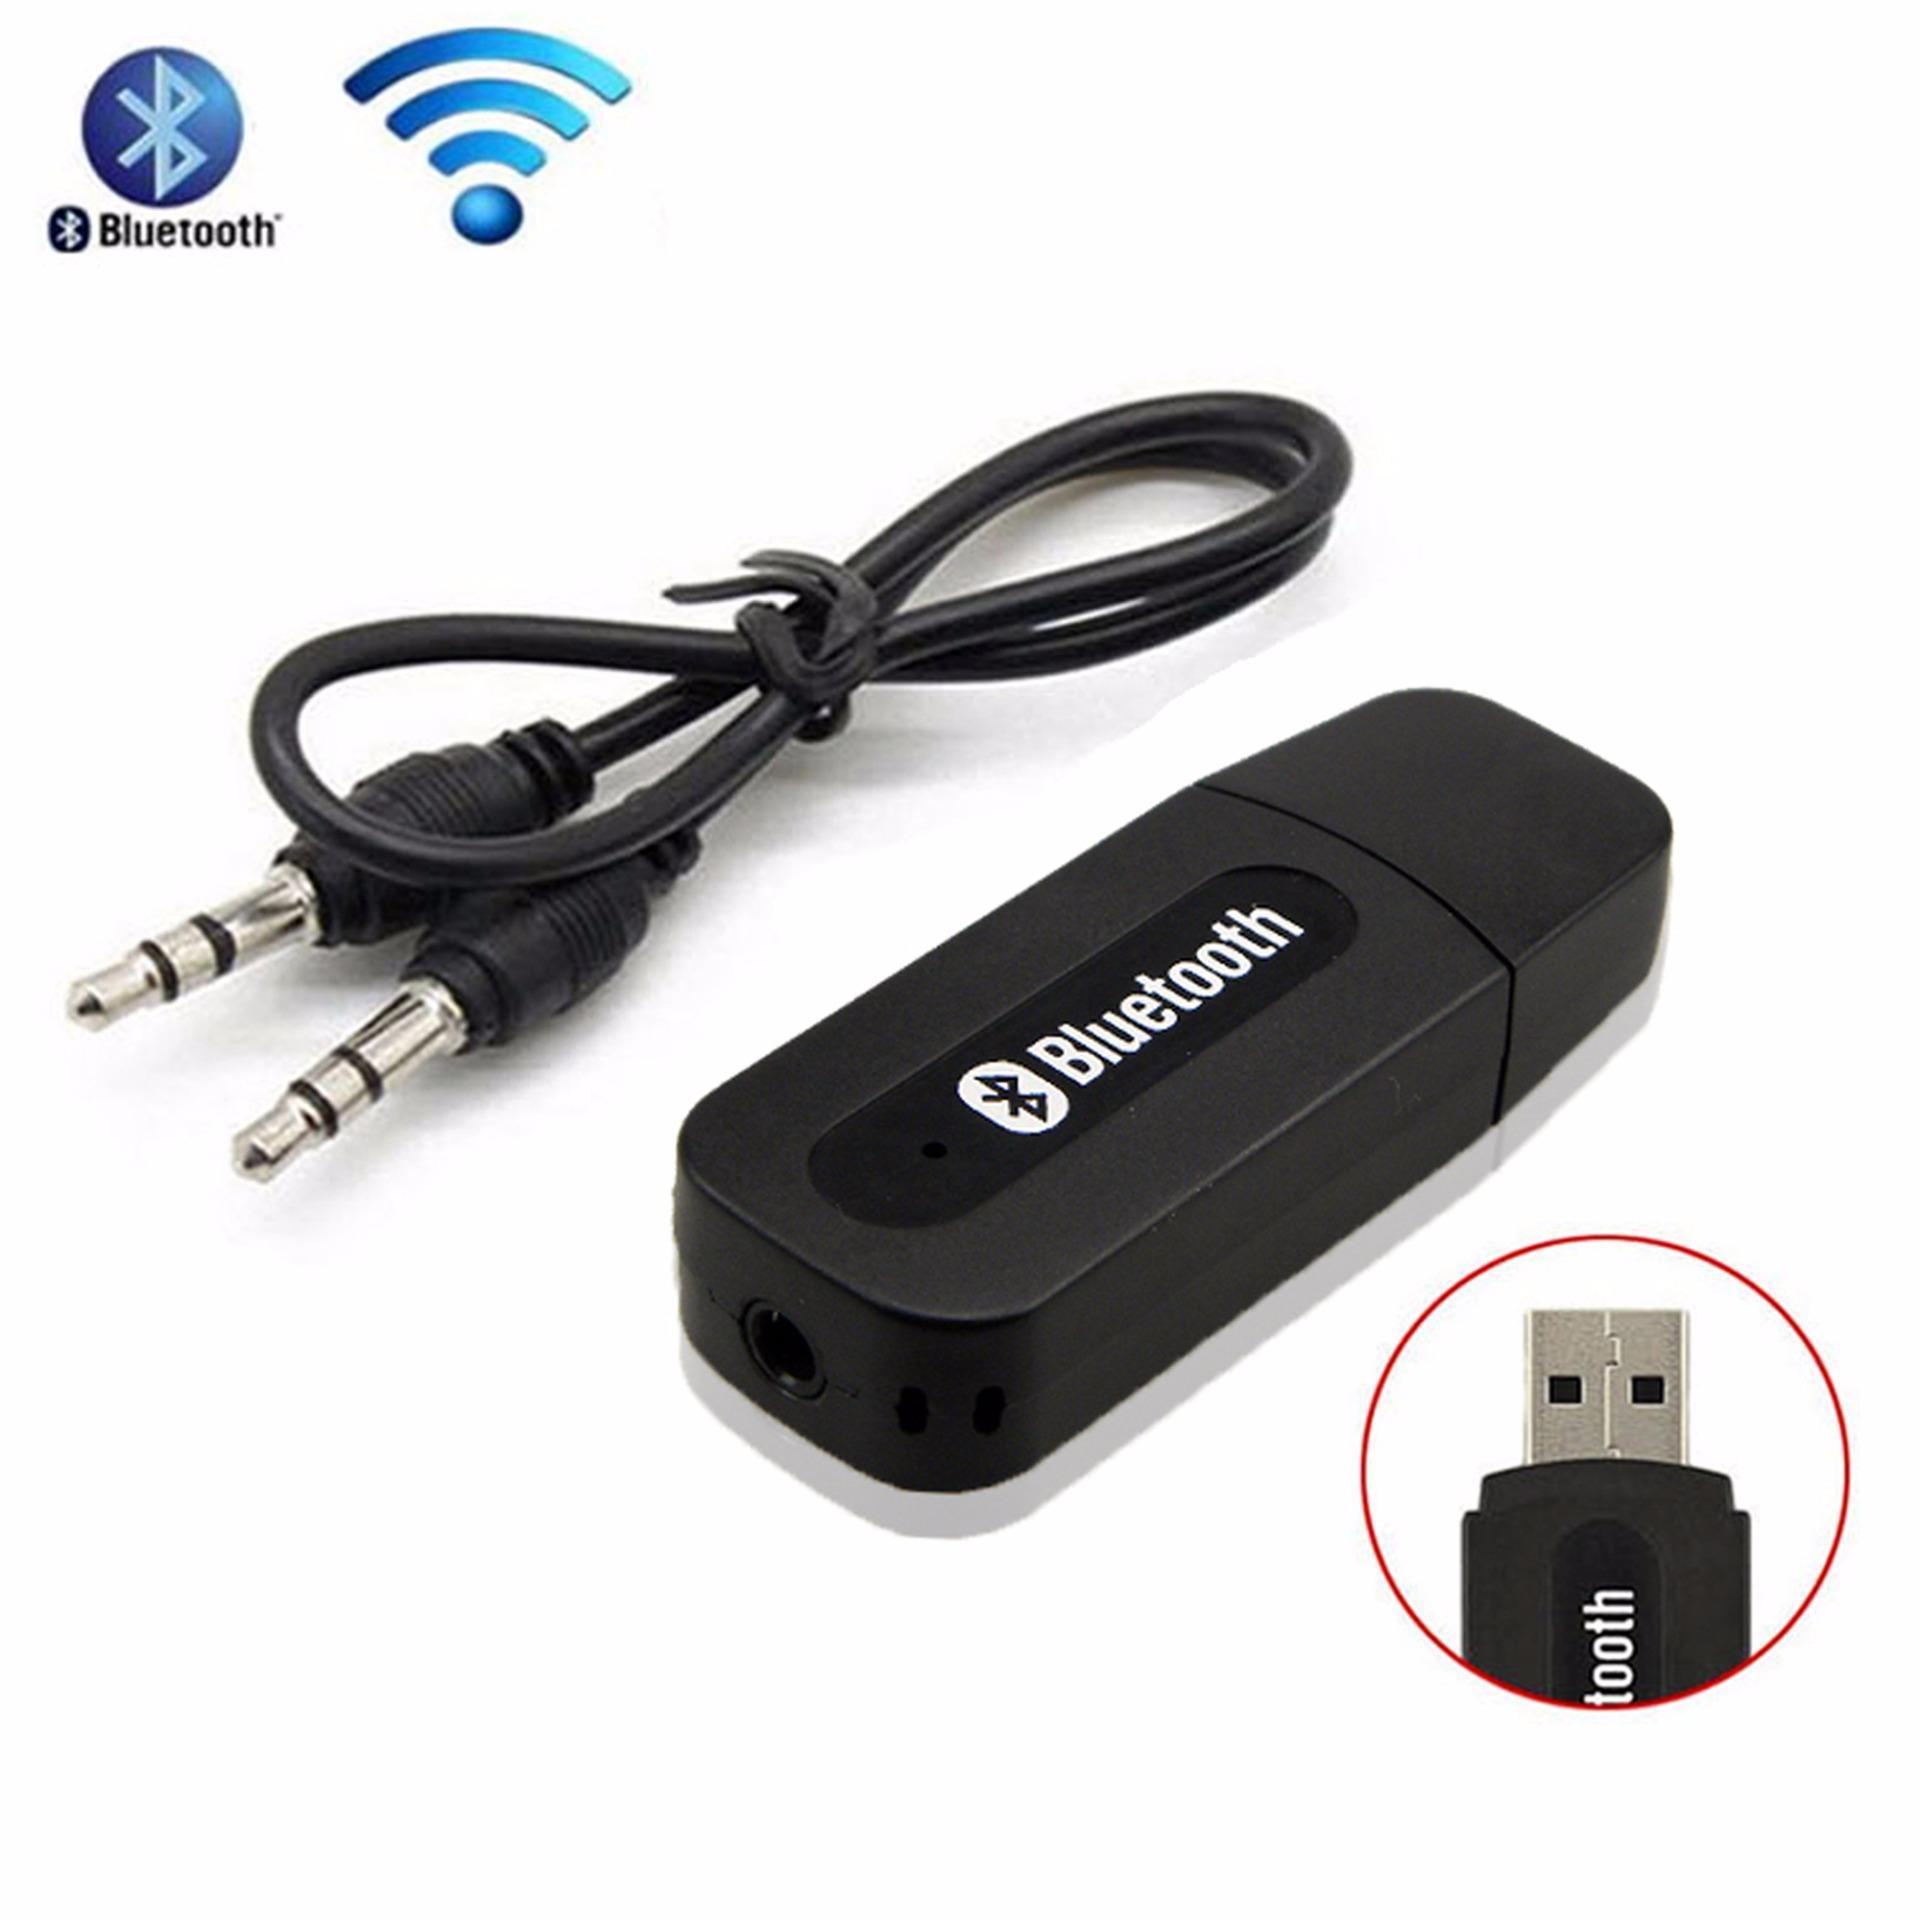 Murah Vapor Tech Wire Kanthal A1 Awg 24 Kawat 30 Feet Khantal Lucky Bluetooth Music 35mm Jack Audio Stereo Receiver Adapter Hitam